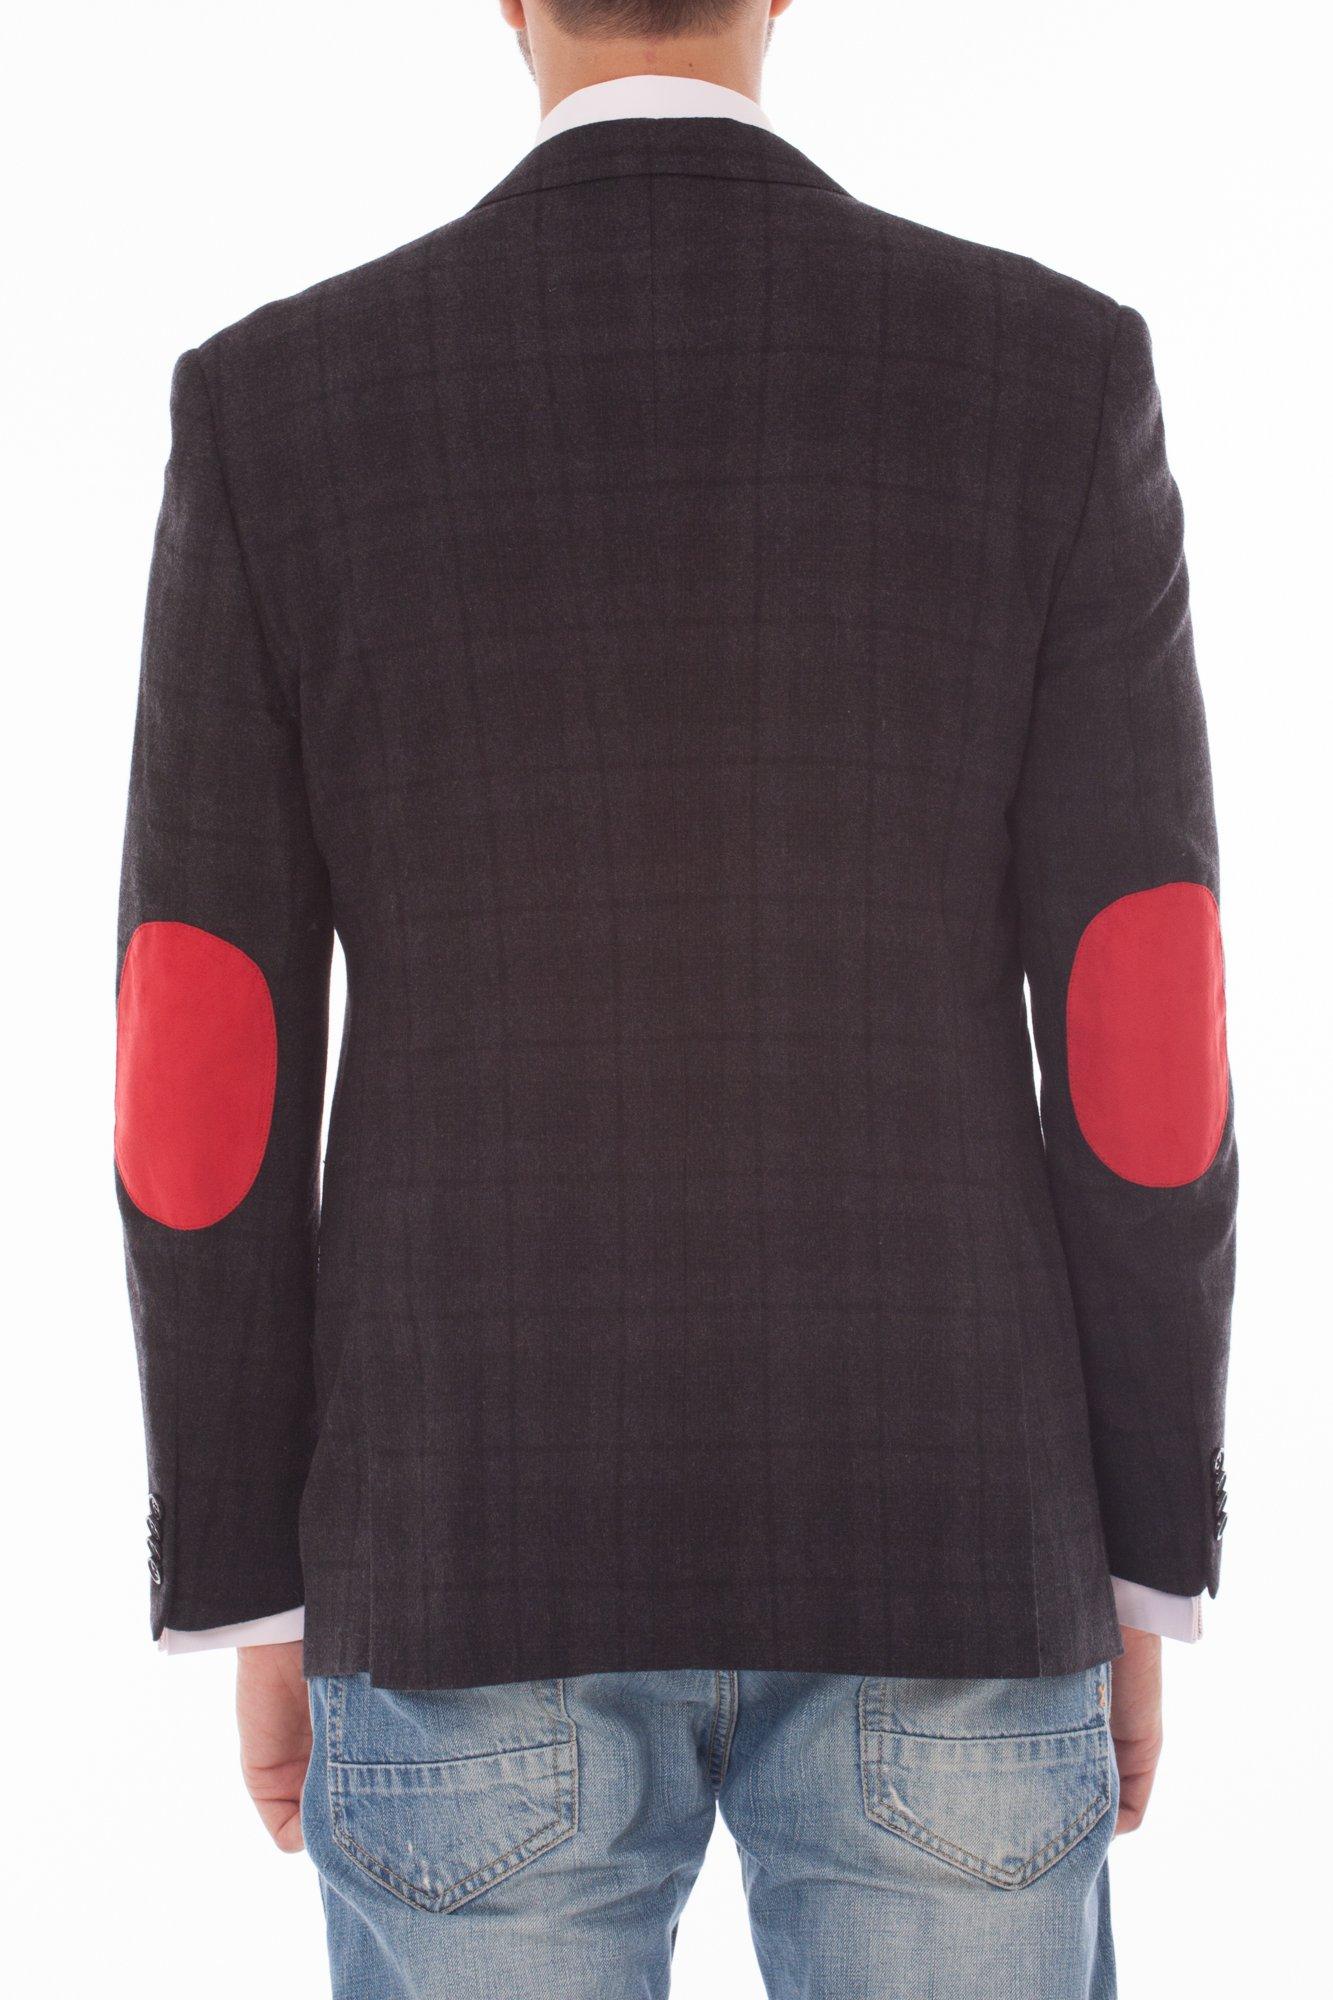 Sacou barbati gri inchis cu carouri negre marca Grazie Filipeti